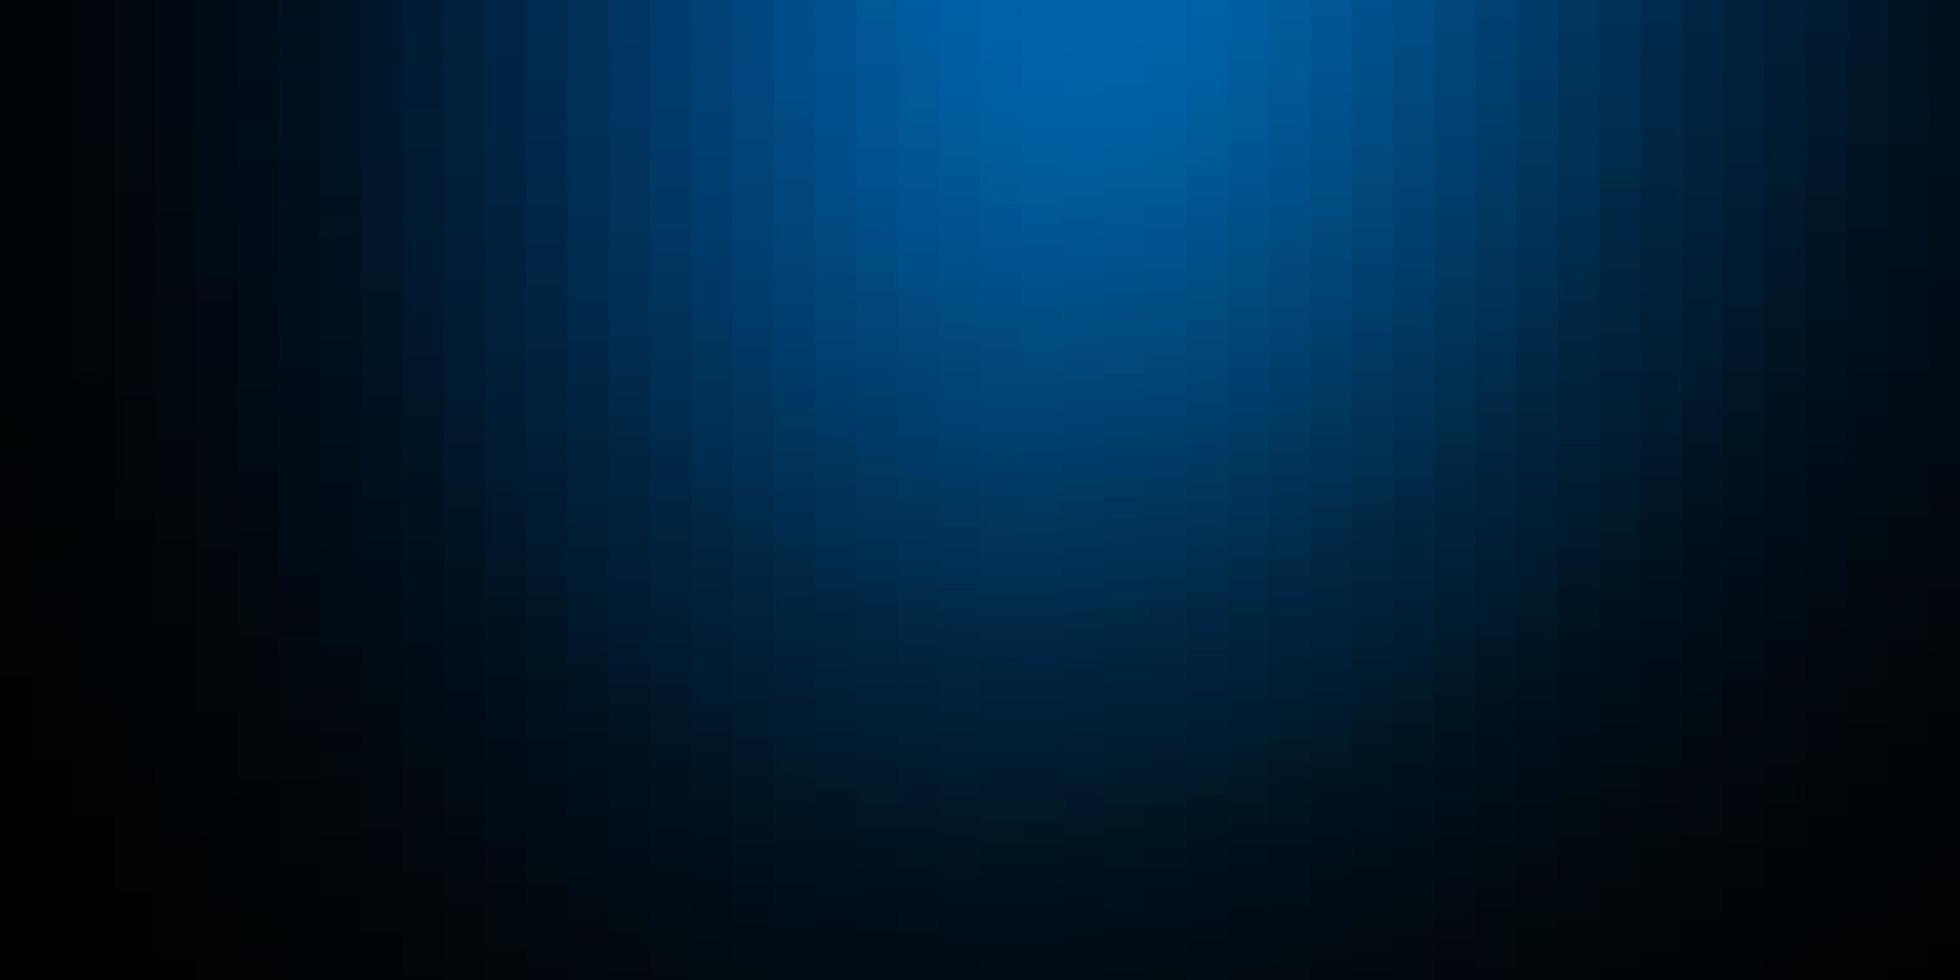 modello vettoriale blu scuro in stile quadrato.